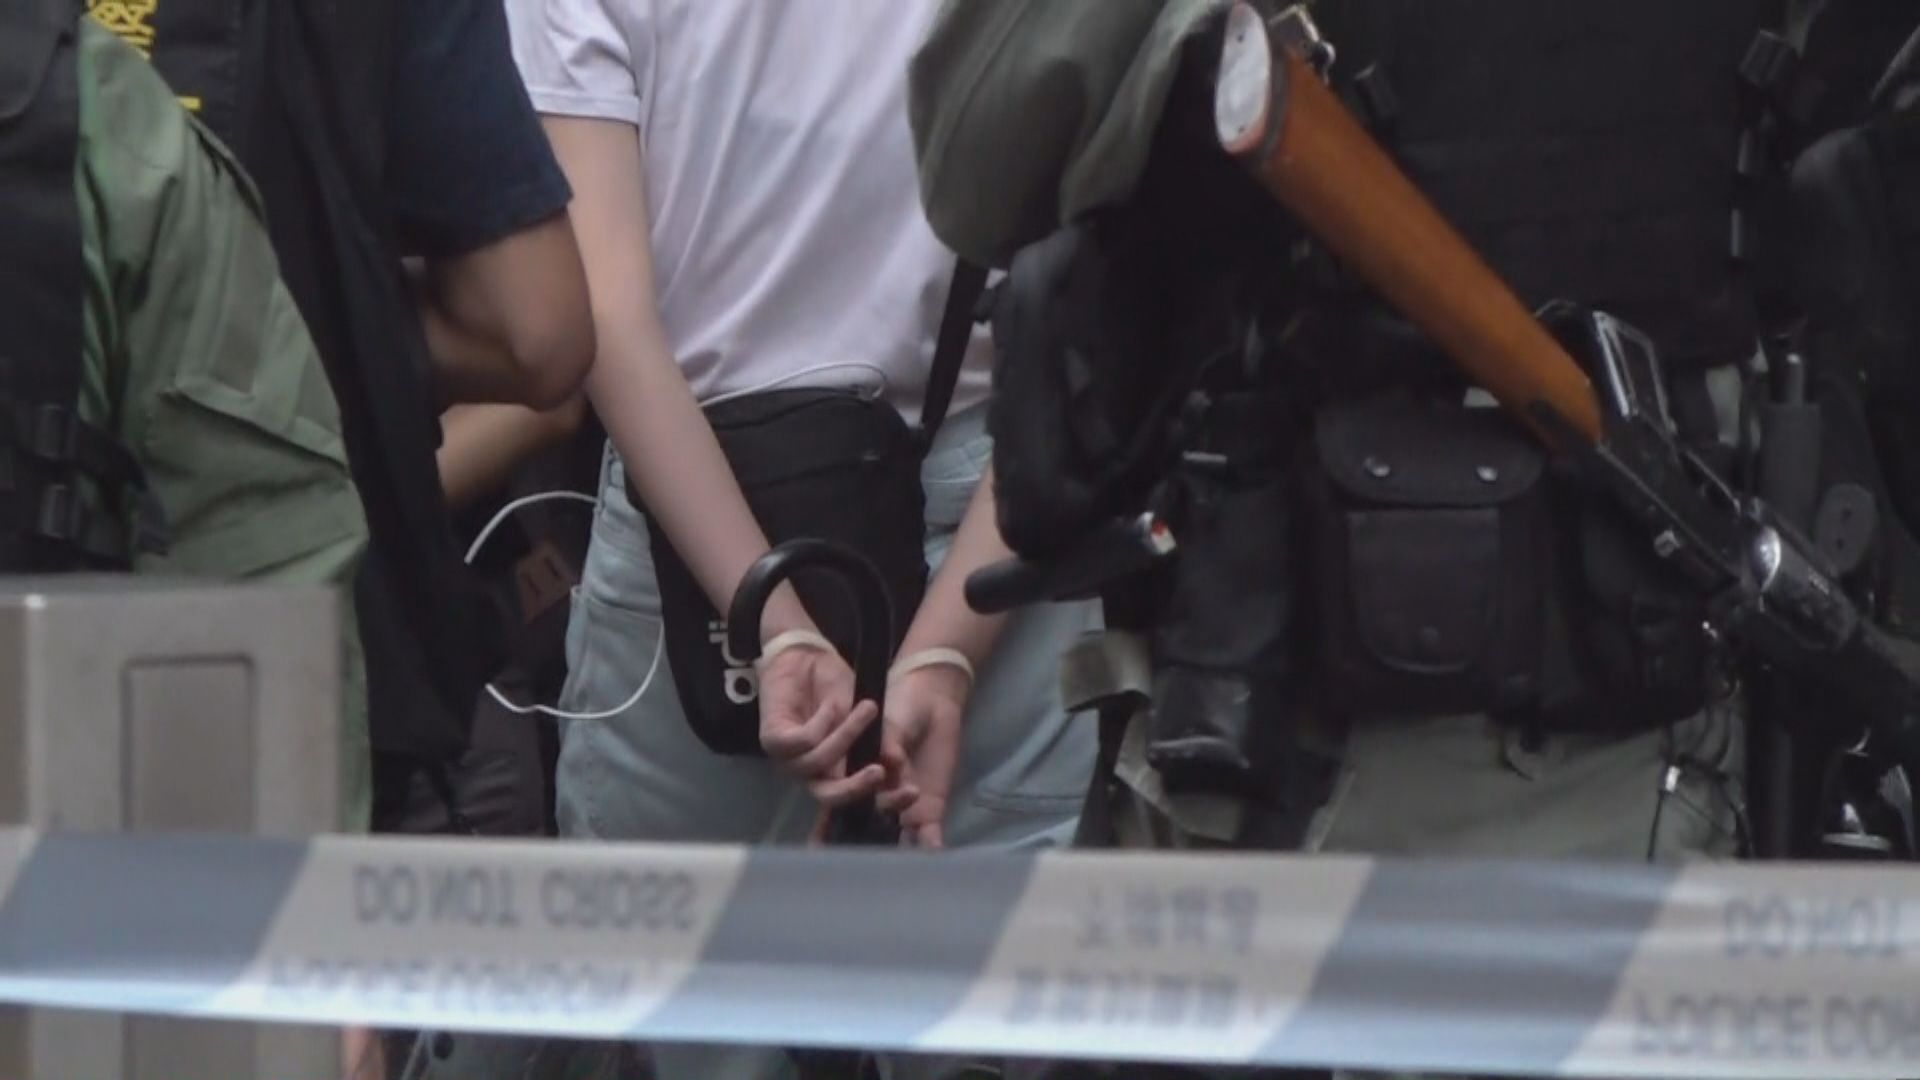 警拘69人主要涉非法集結 包括兩名區議員